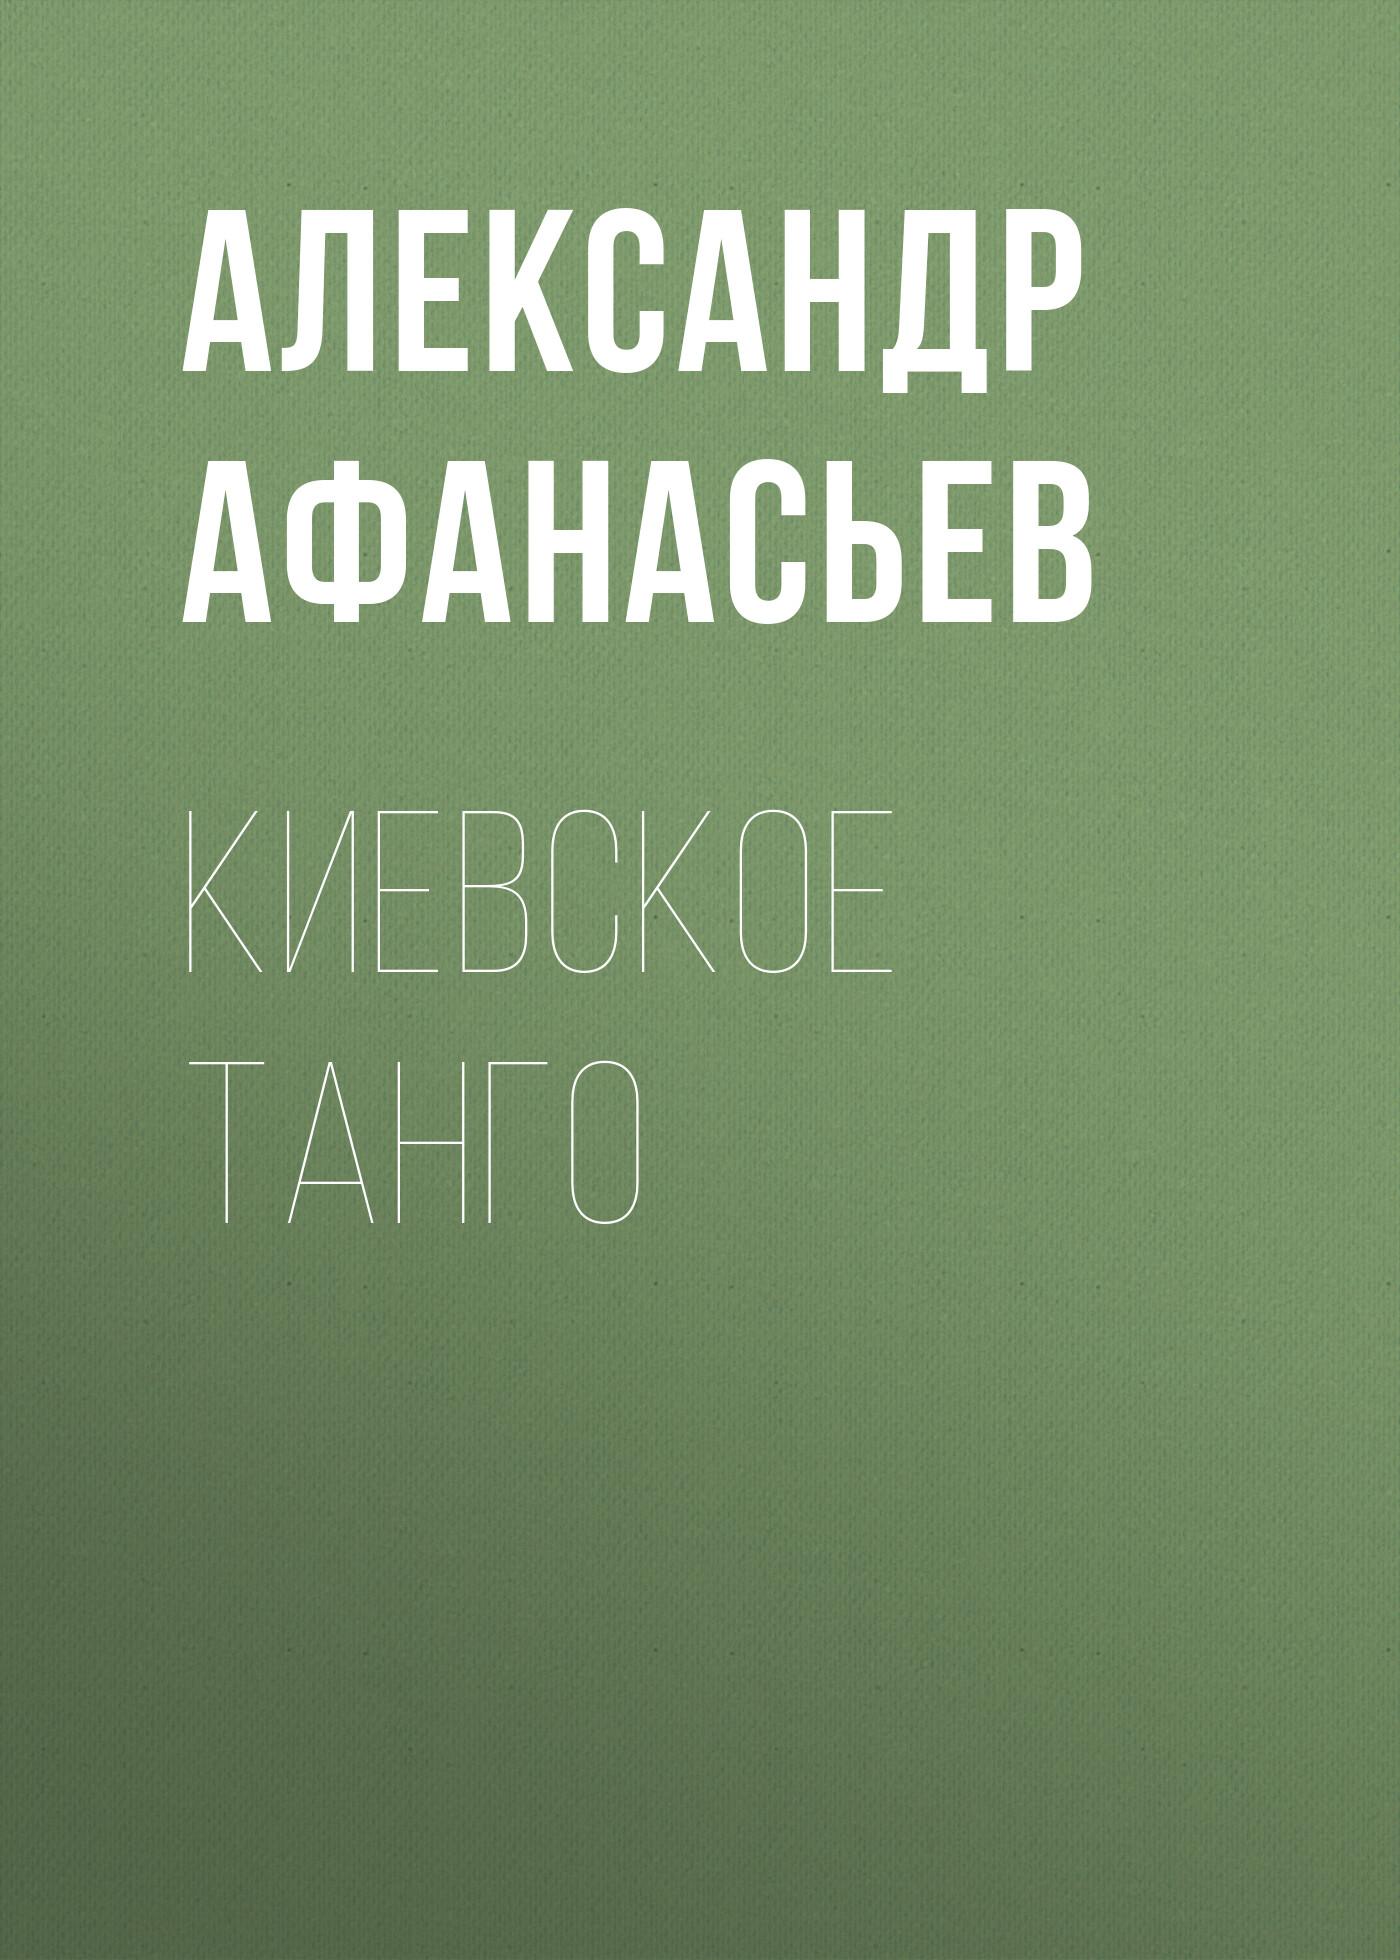 Киевское танго